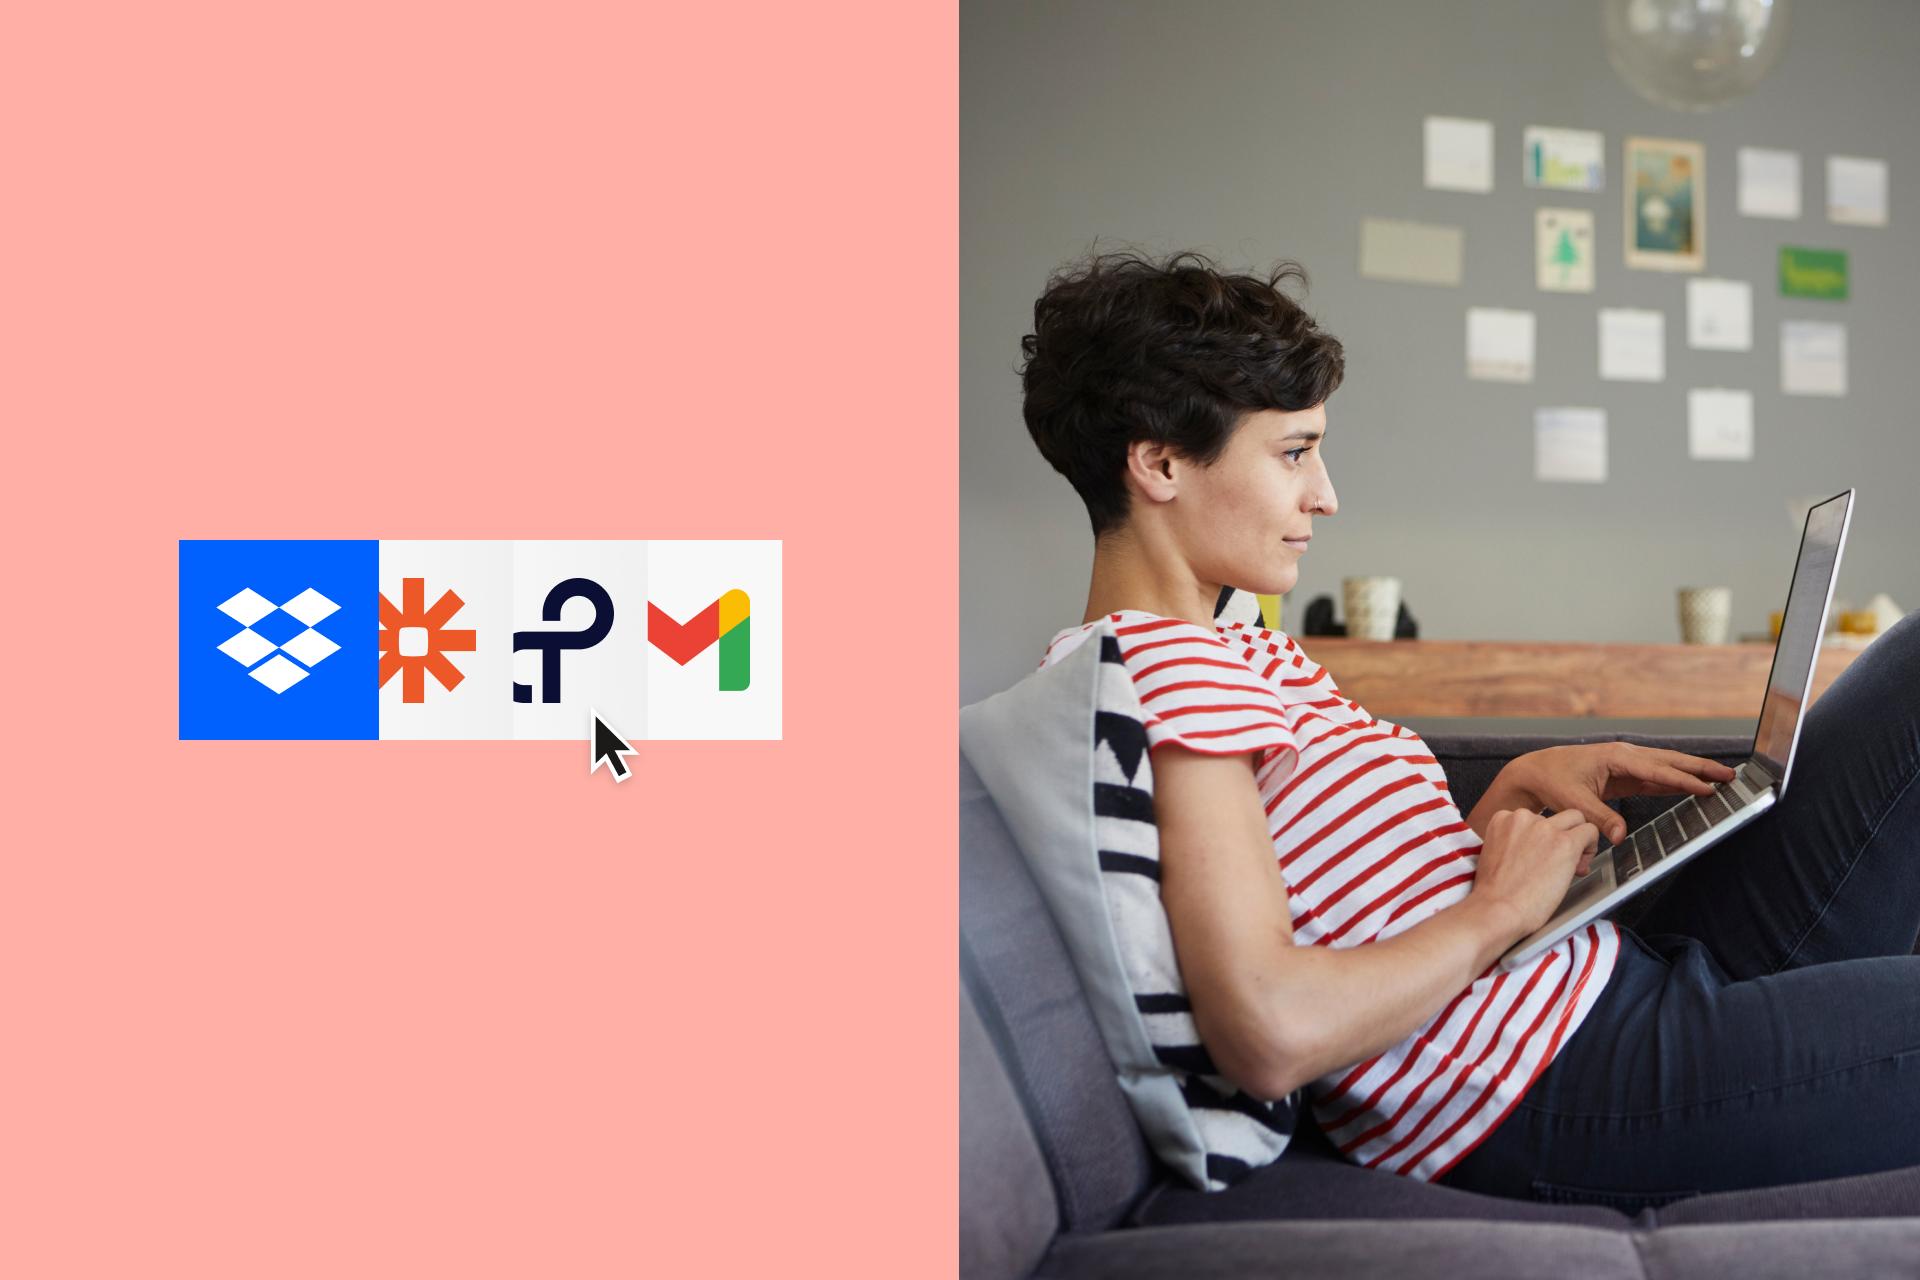 En bruker ser gjennom ulike arbeidsflytapper som er integrert med Dropbox